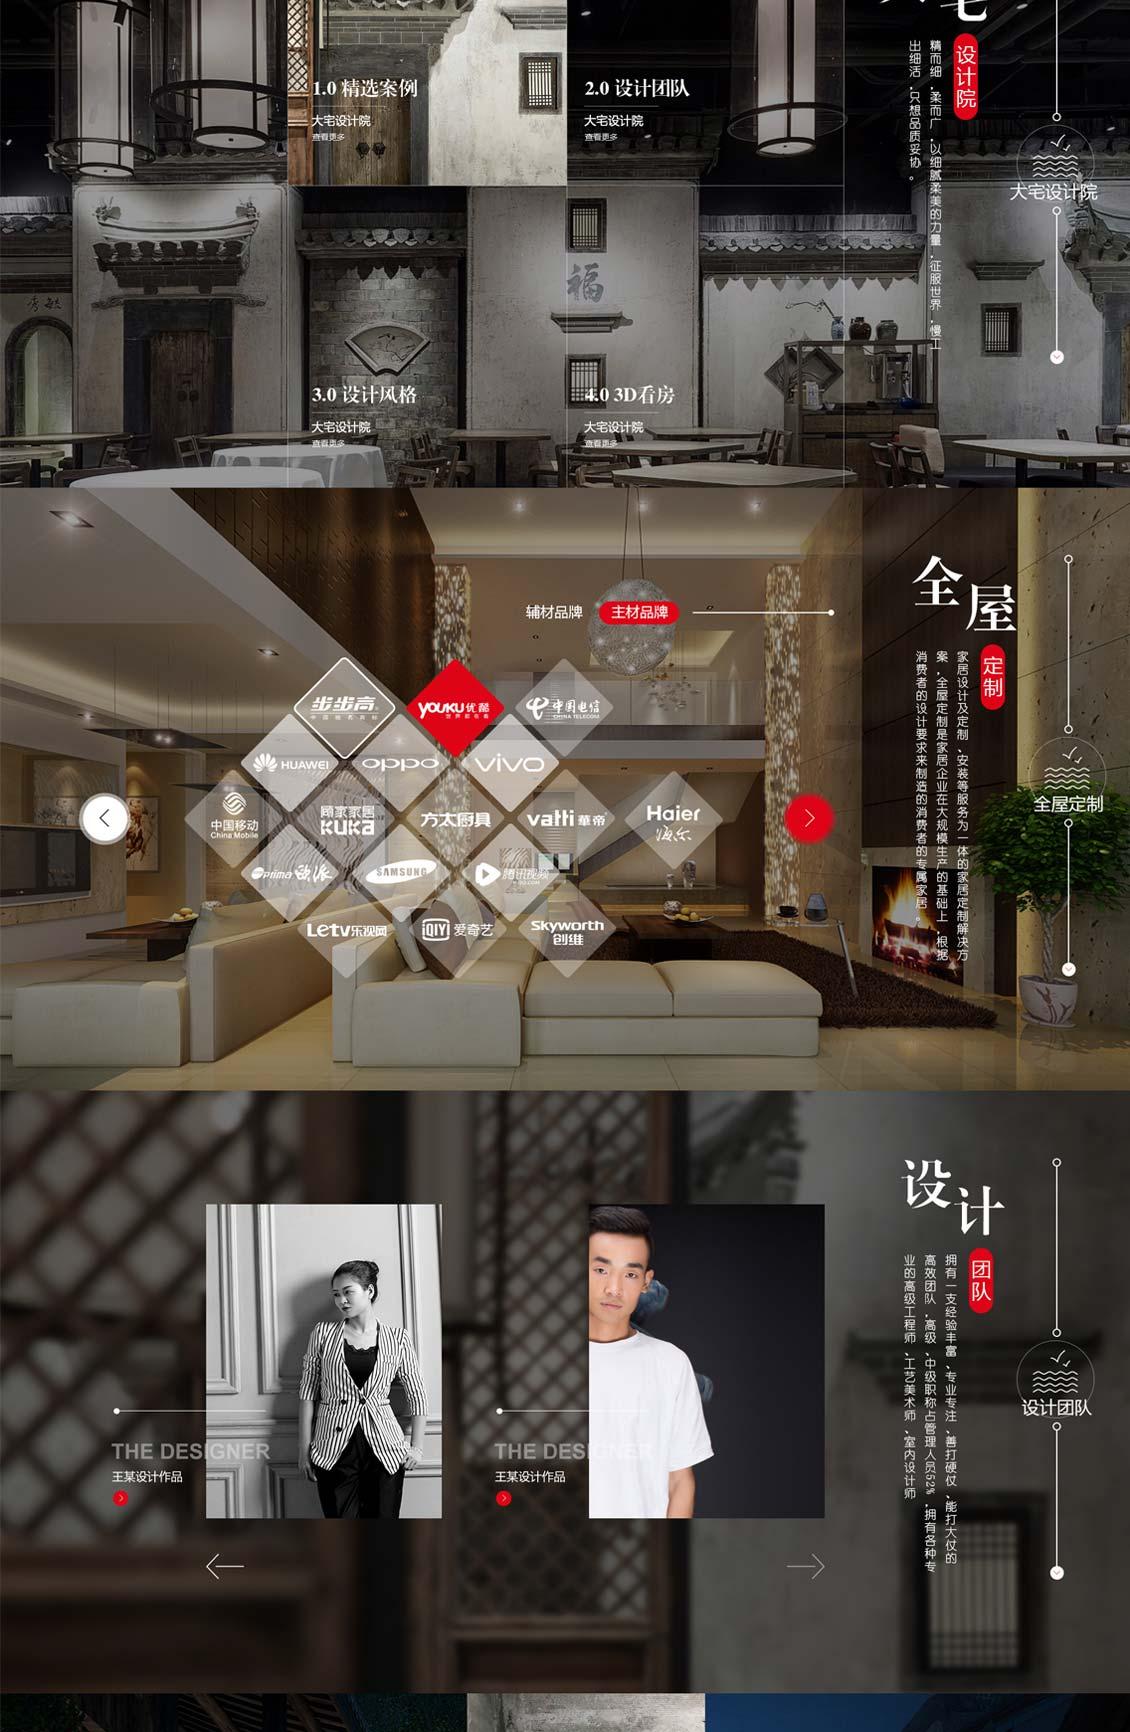 兰州建筑装饰公司网站建设案例